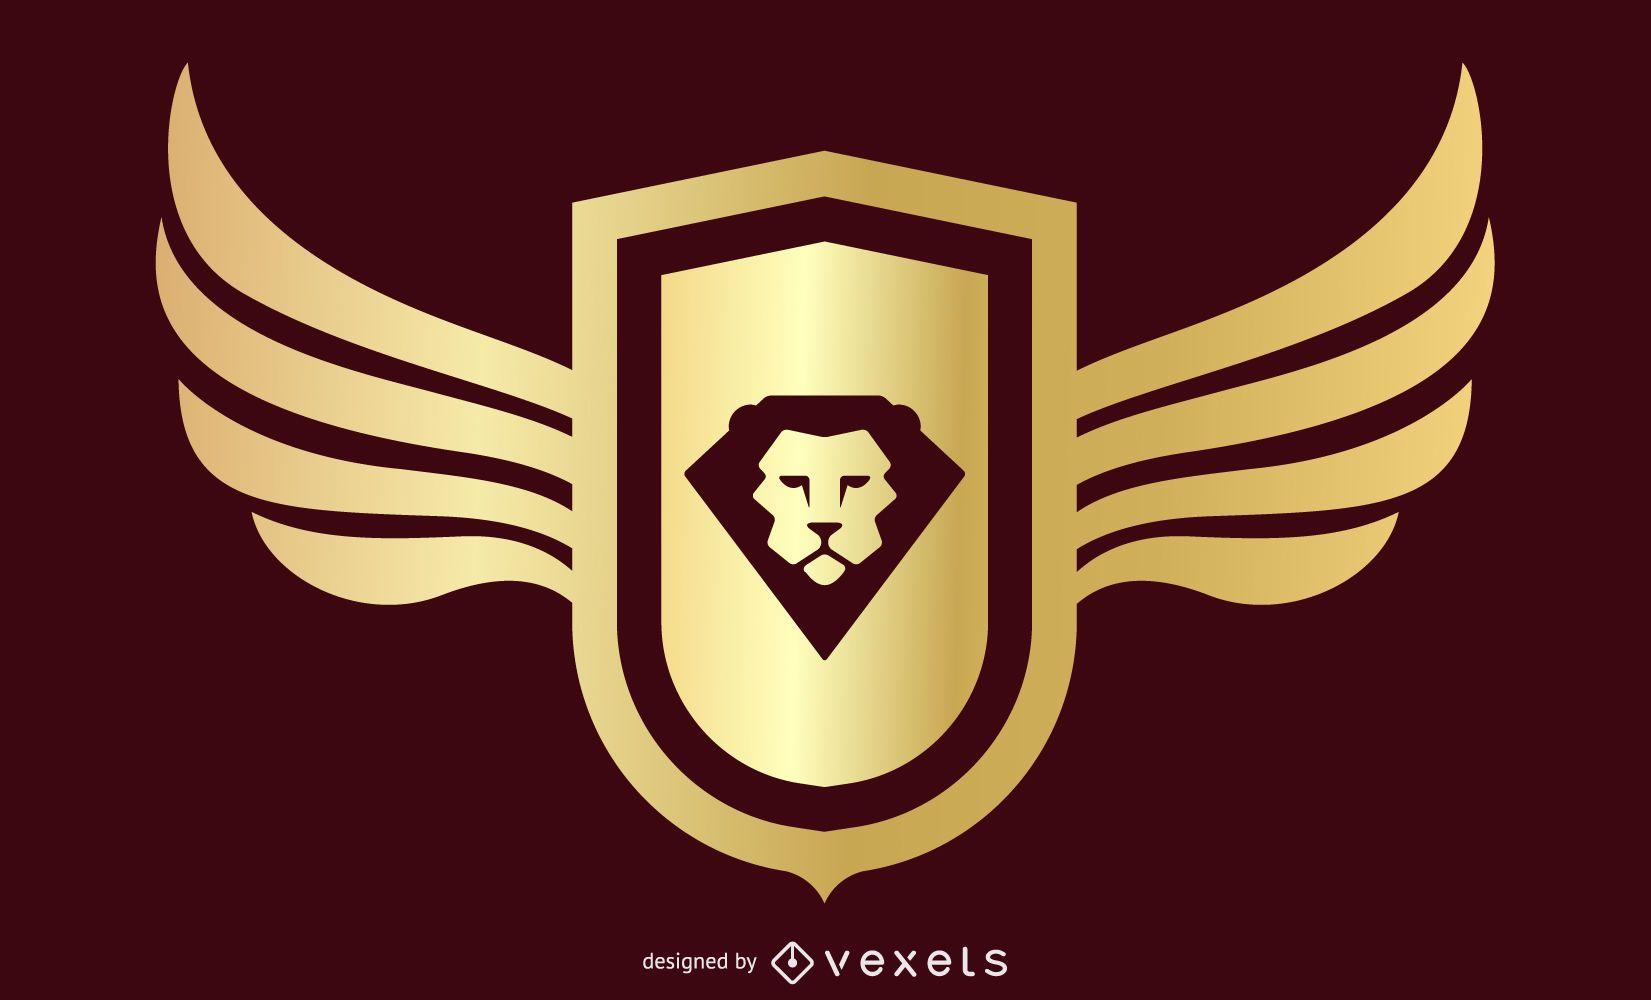 Gold retro shield